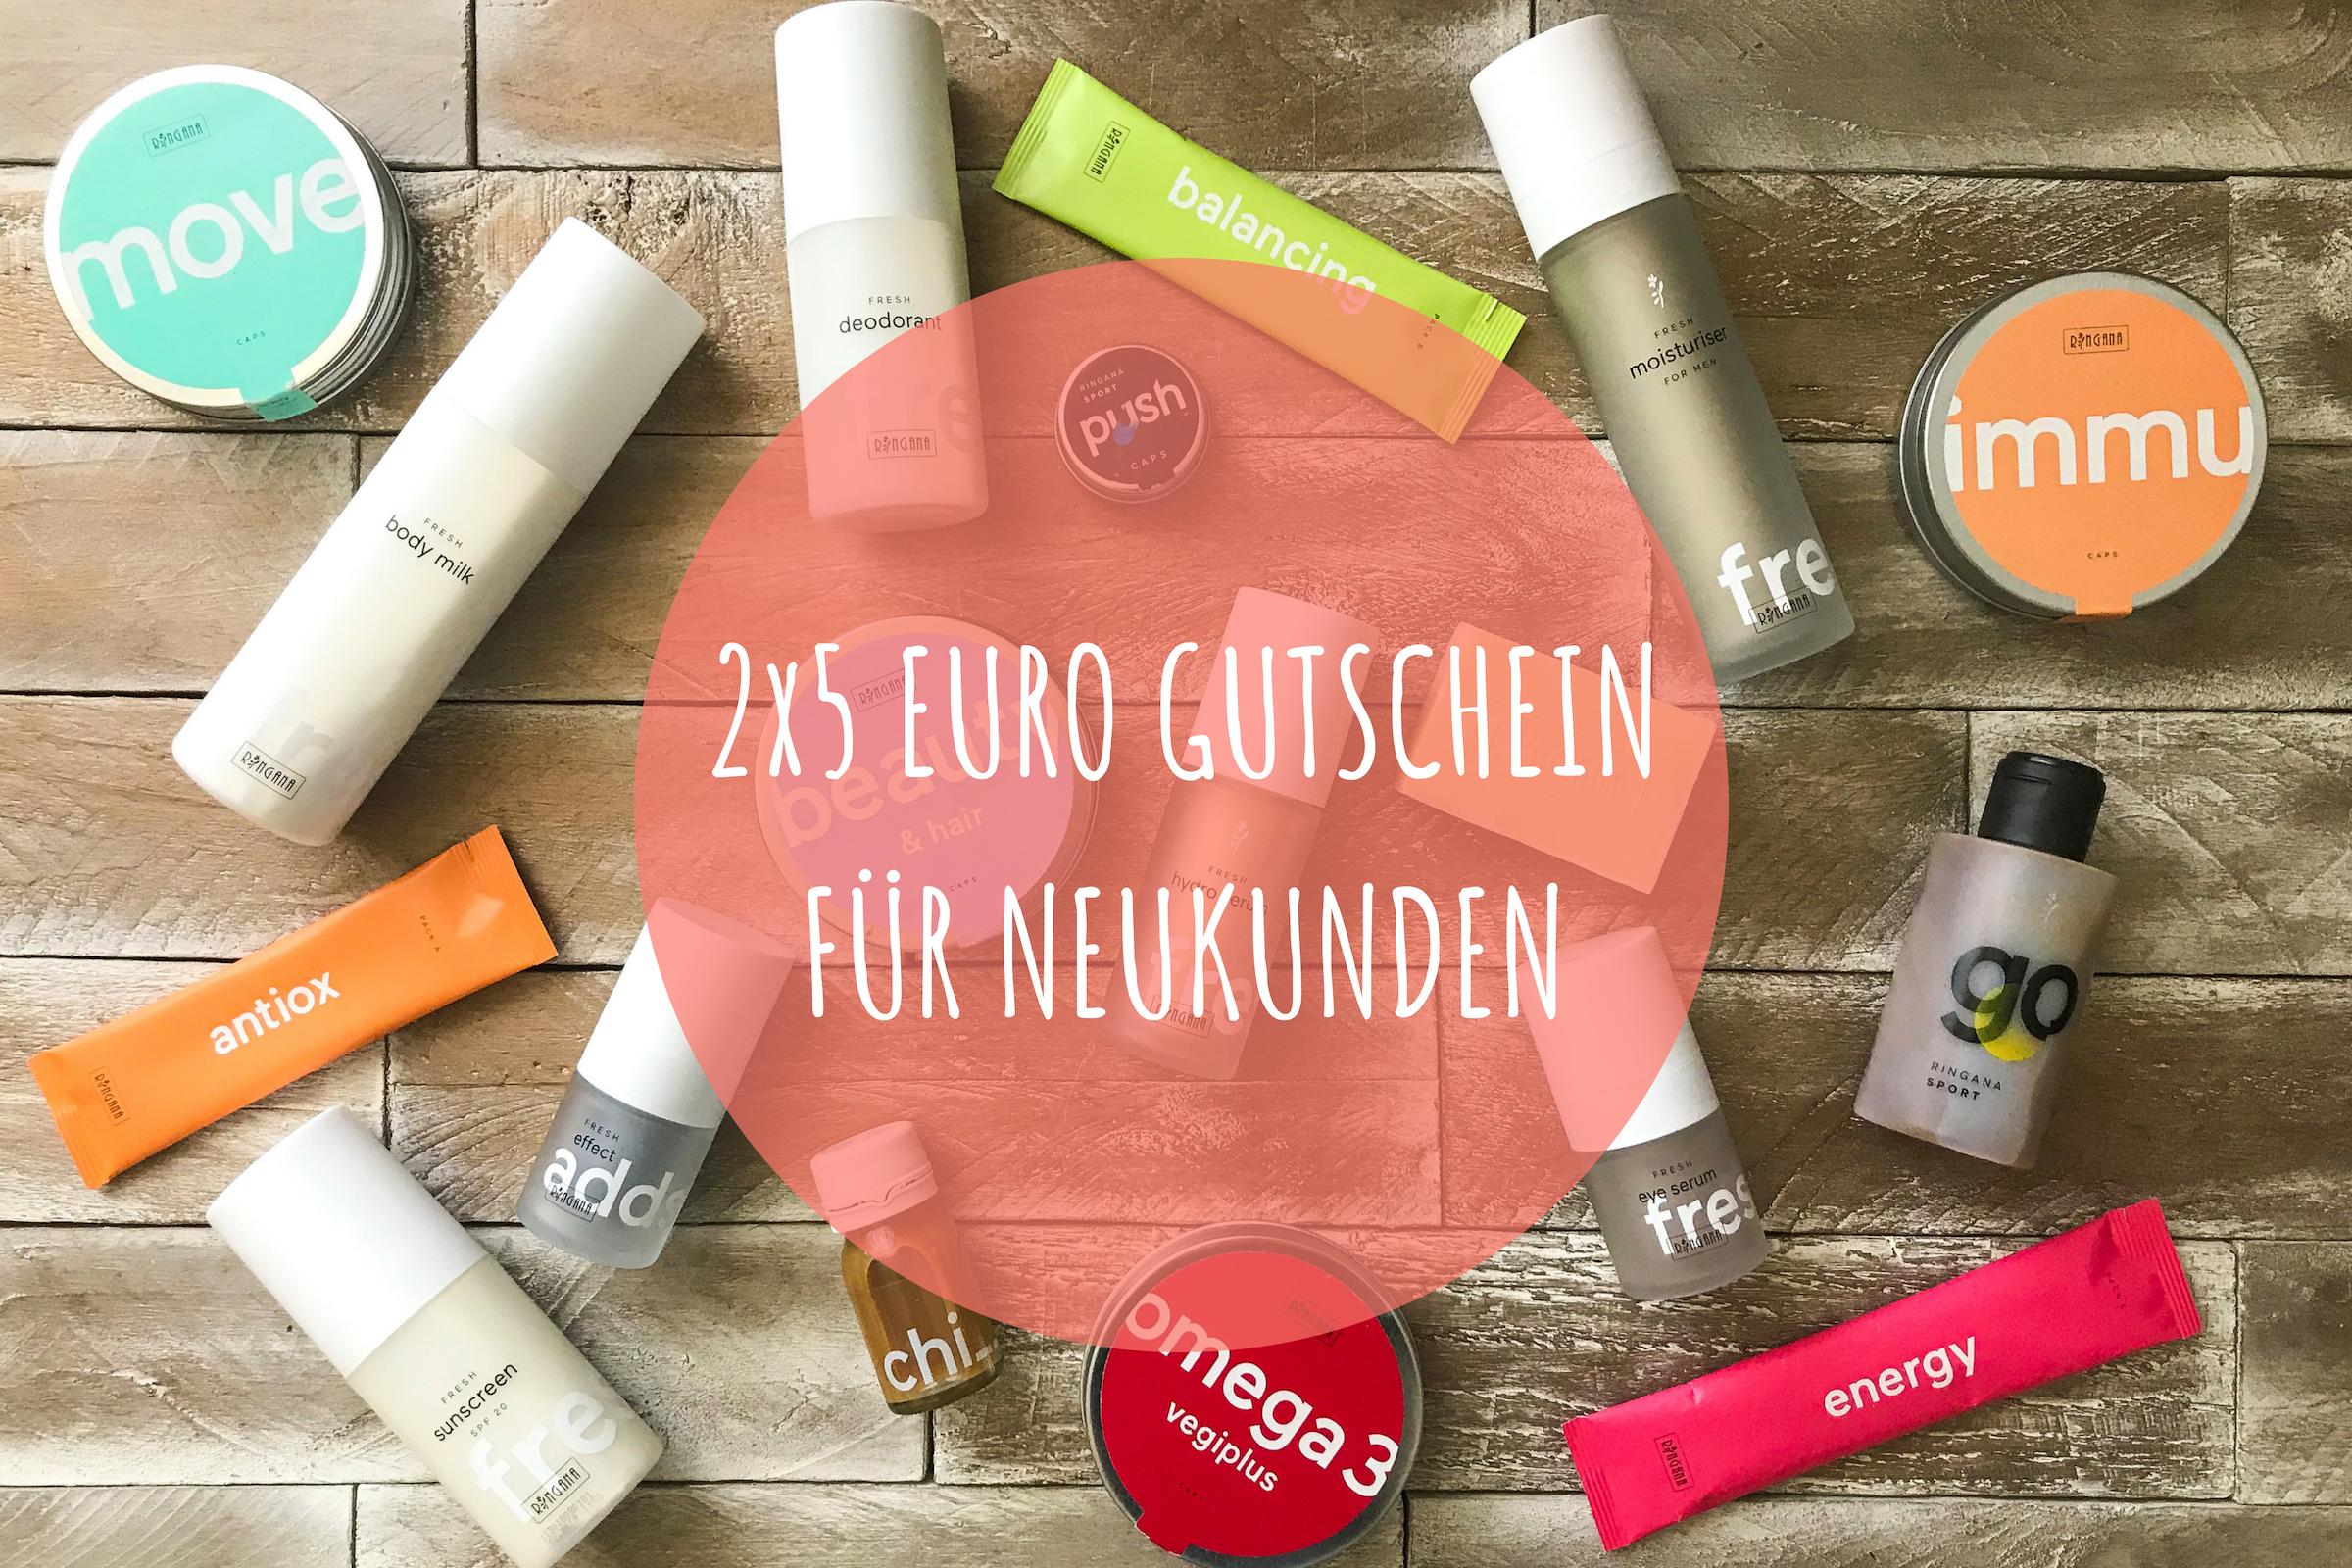 Dein 2x5 Euro Gutschein für Dich als Neukunde - Foto by Inselamigo